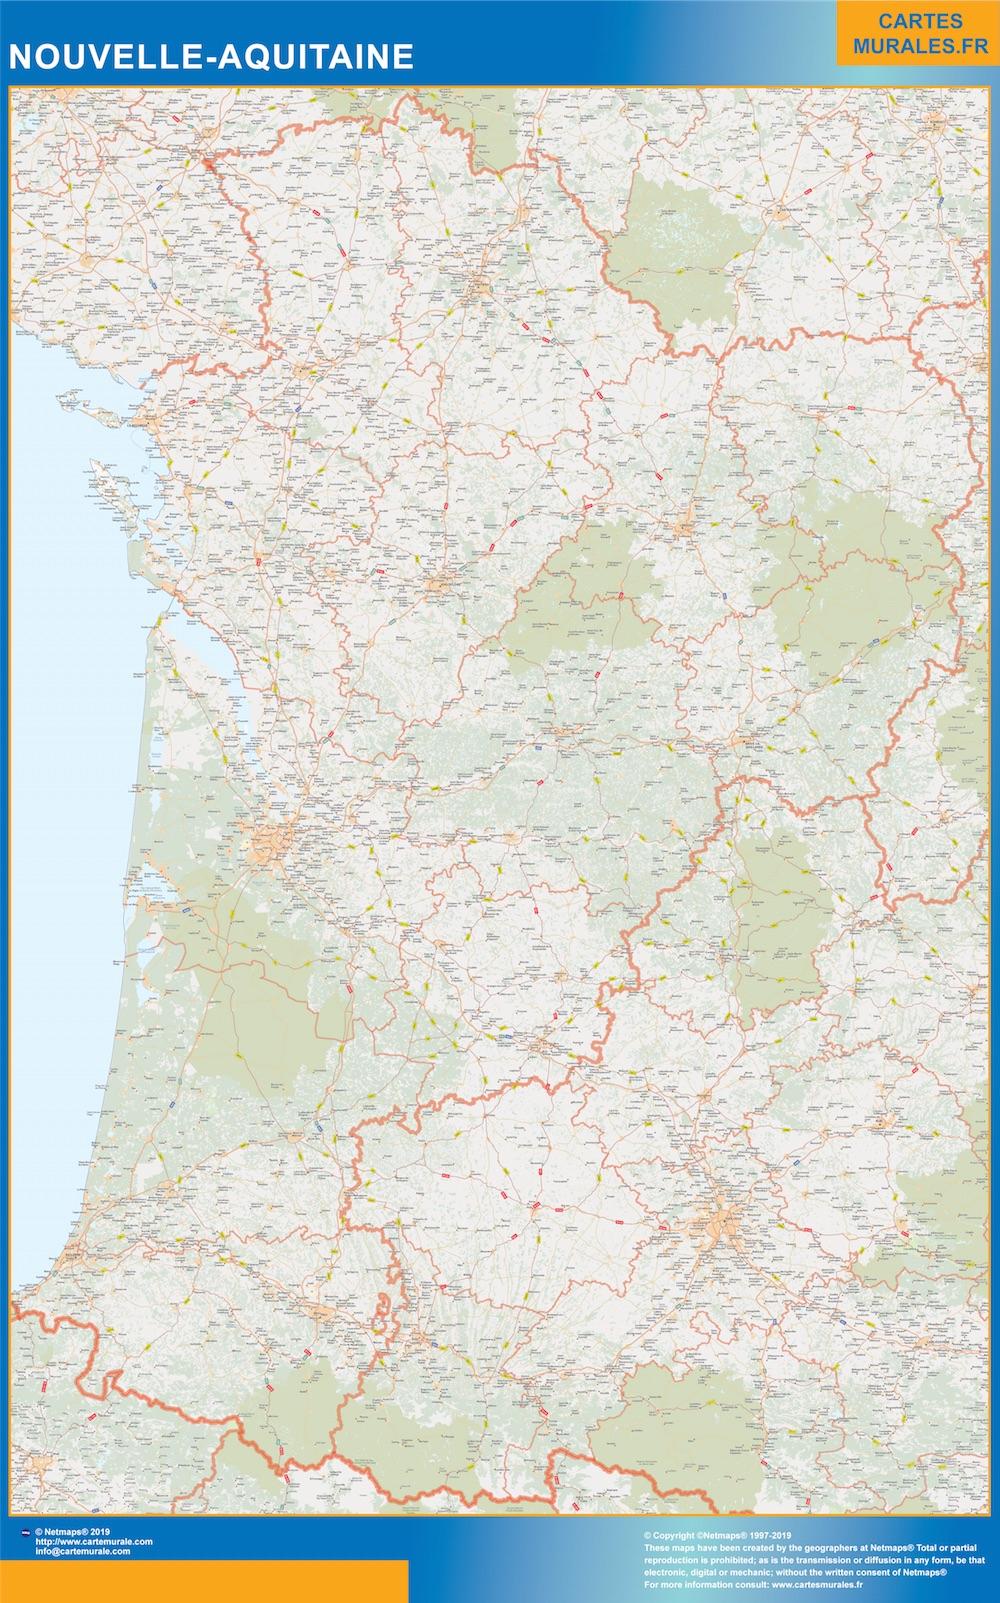 Carte Geante Région Nouvelle Aquitaine Impression Numérique intérieur Carte Nouvelle Region